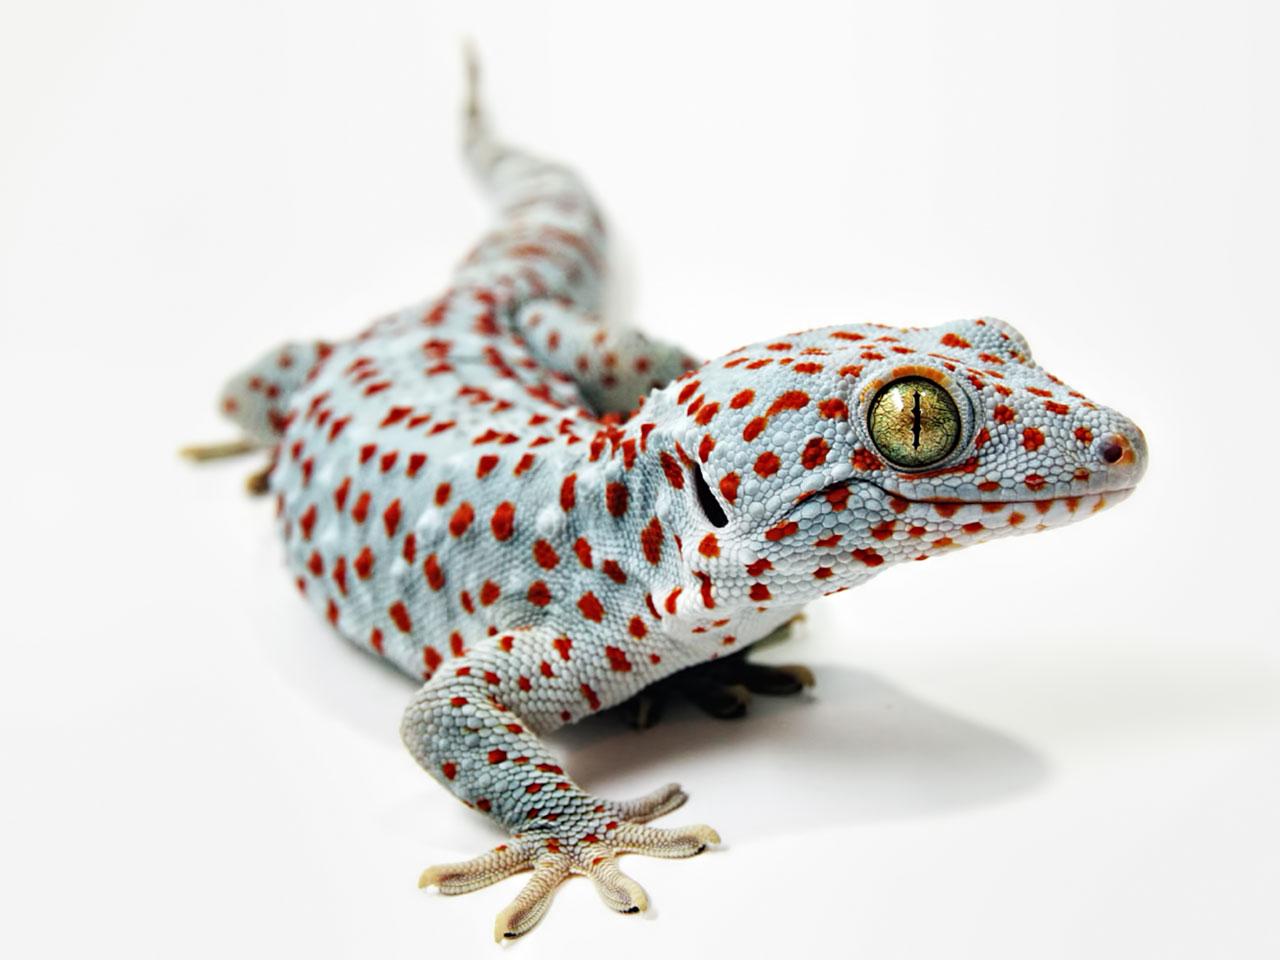 Tokeh oder Tokee (Gekko gecko)